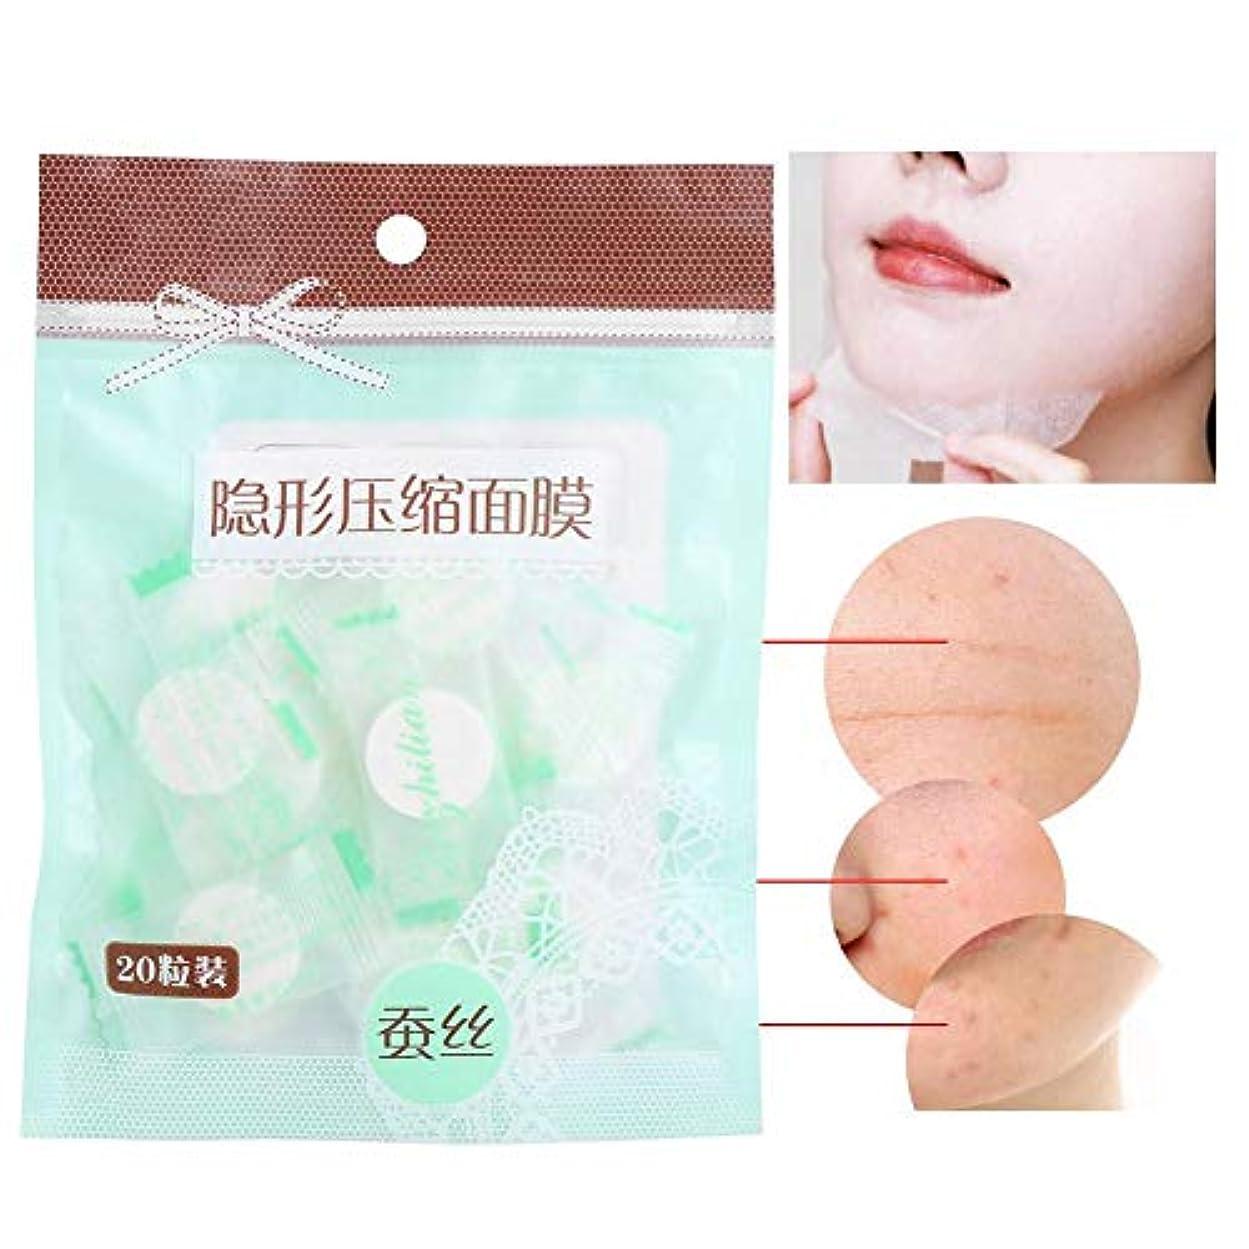 模索虫を数える宝圧縮 使い捨て 20枚 シルク ナチュラル 保湿 フェイシャルマスクスキンケア DIY 美容メイクアップマスク